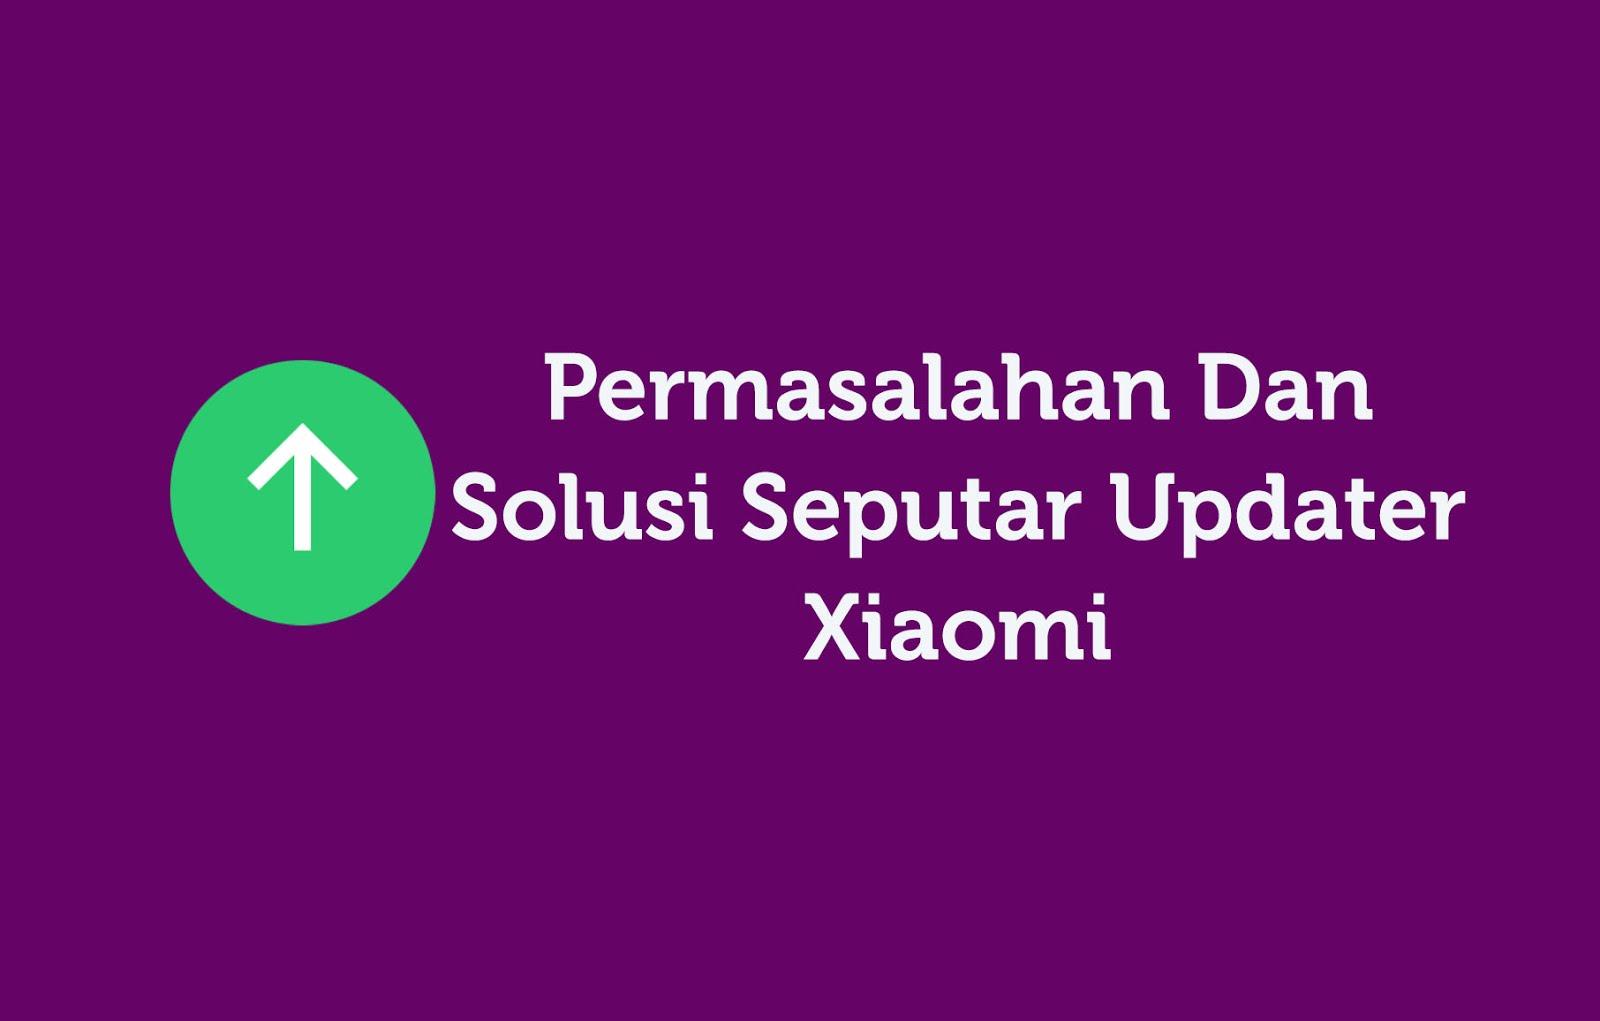 Permasalahan Dan Solusi Seputar Updater Xiaomi